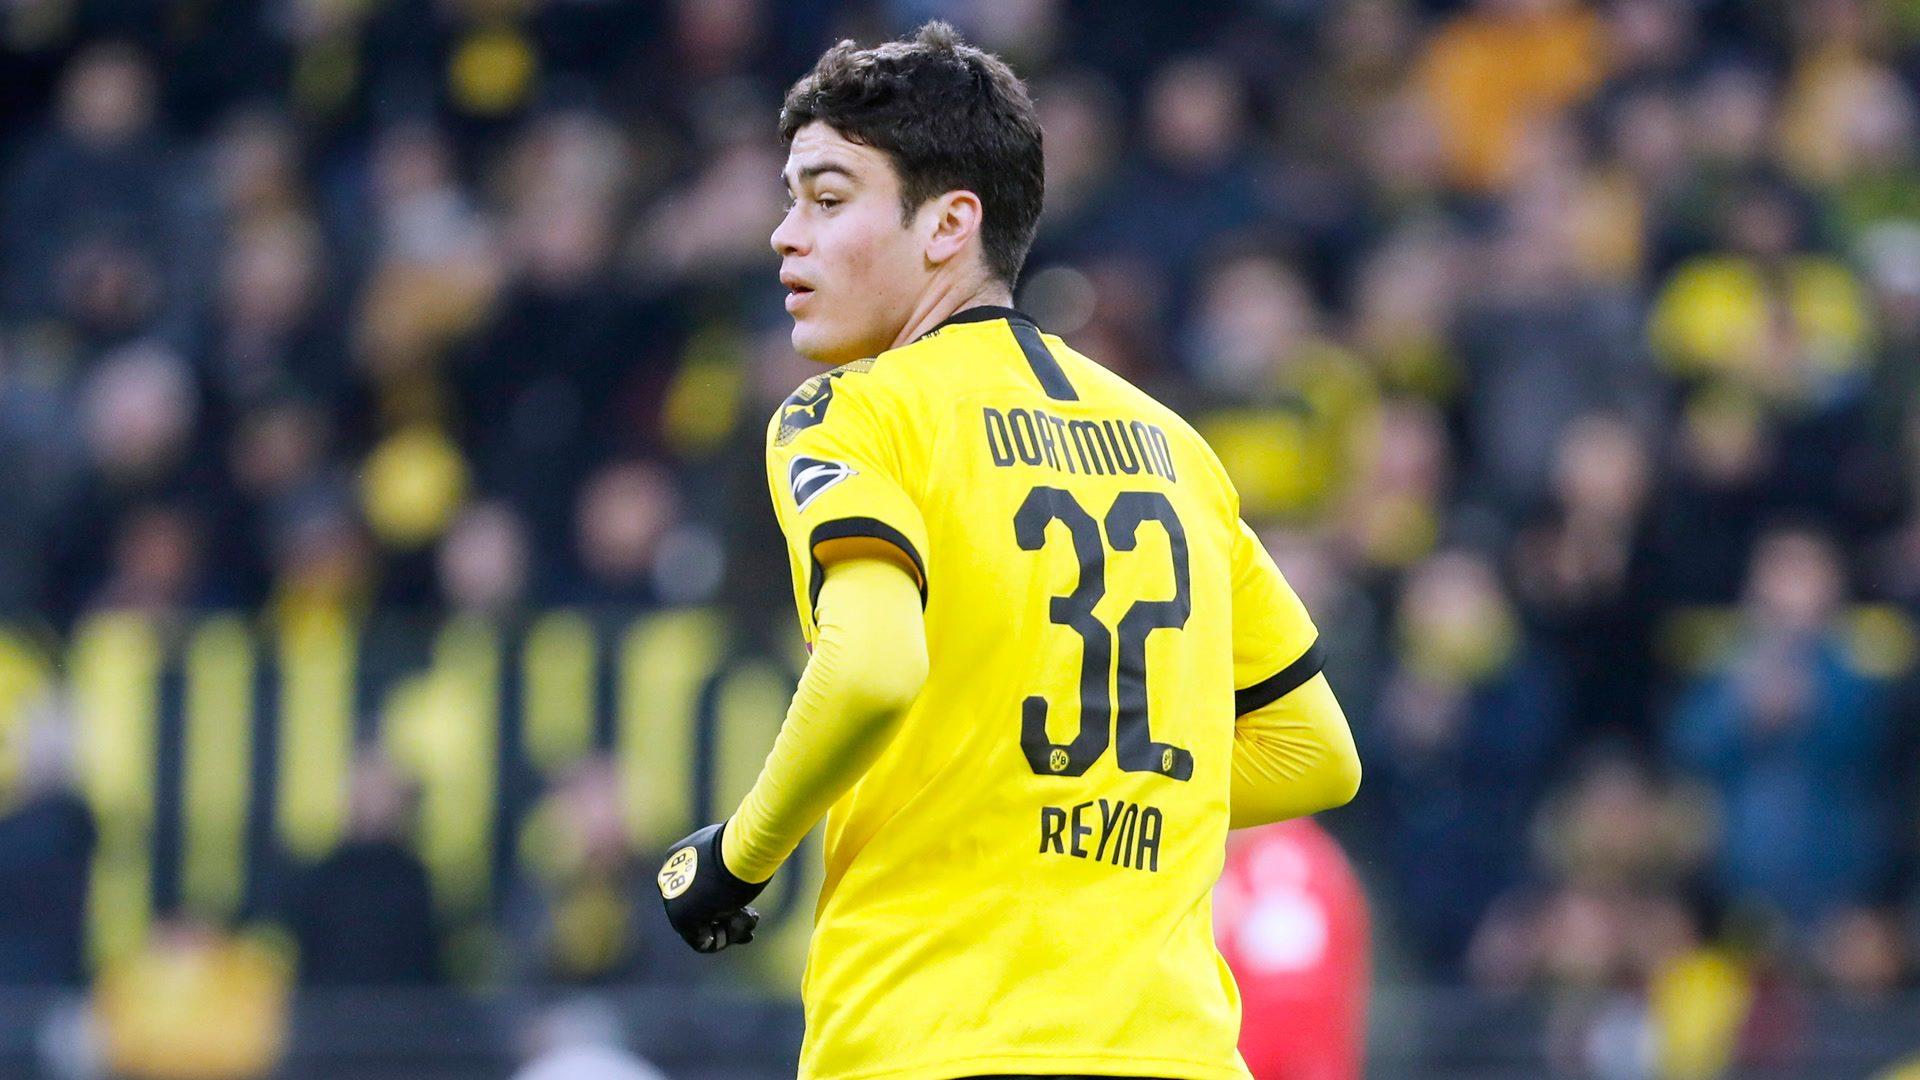 Giovanni Reyna ist der nächste Durchstarter des BVB